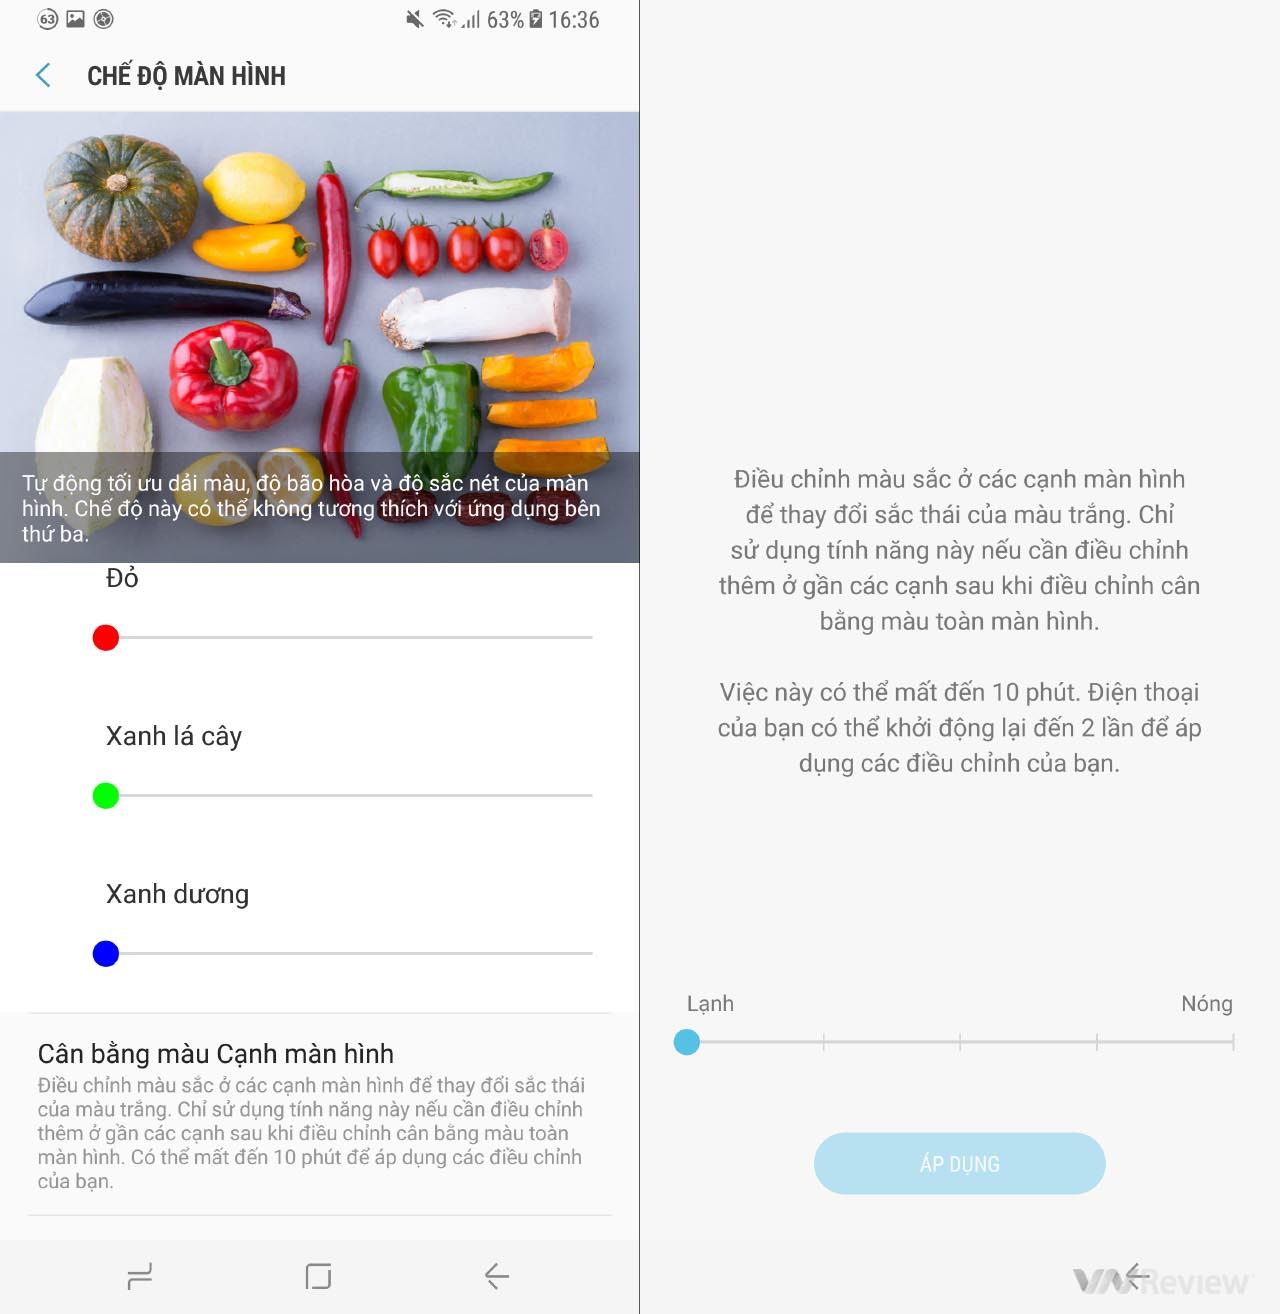 DOANH NHÂN Galaxy S8 và S8+ : về 20c giá nhập RẺ QUYẾN RŨ khách !!! - 34